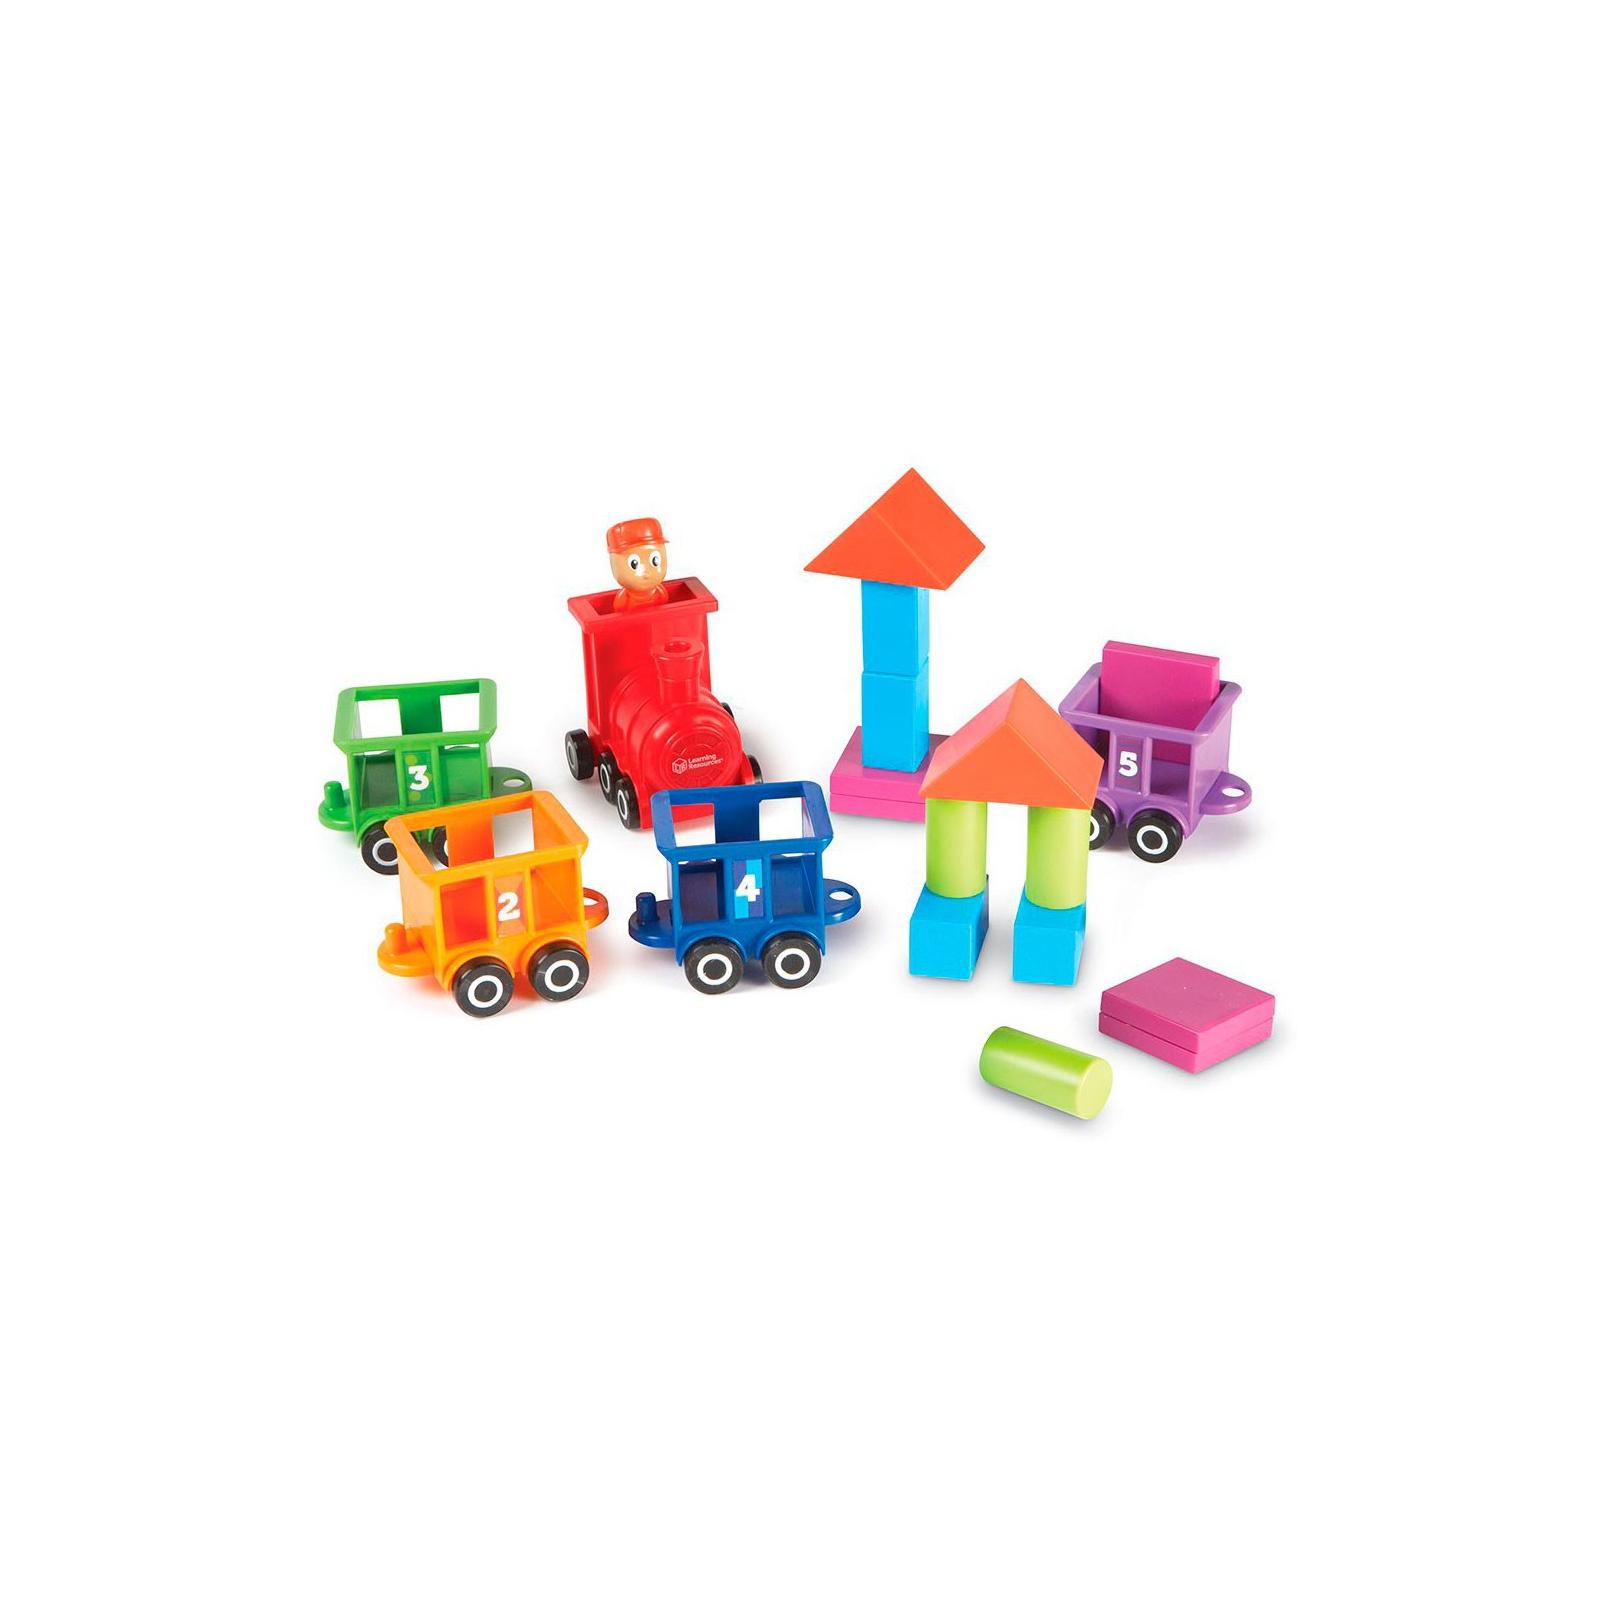 Развивающая игрушка Learning Resources Паровозик Обучающий набор (LER7742) изображение 5